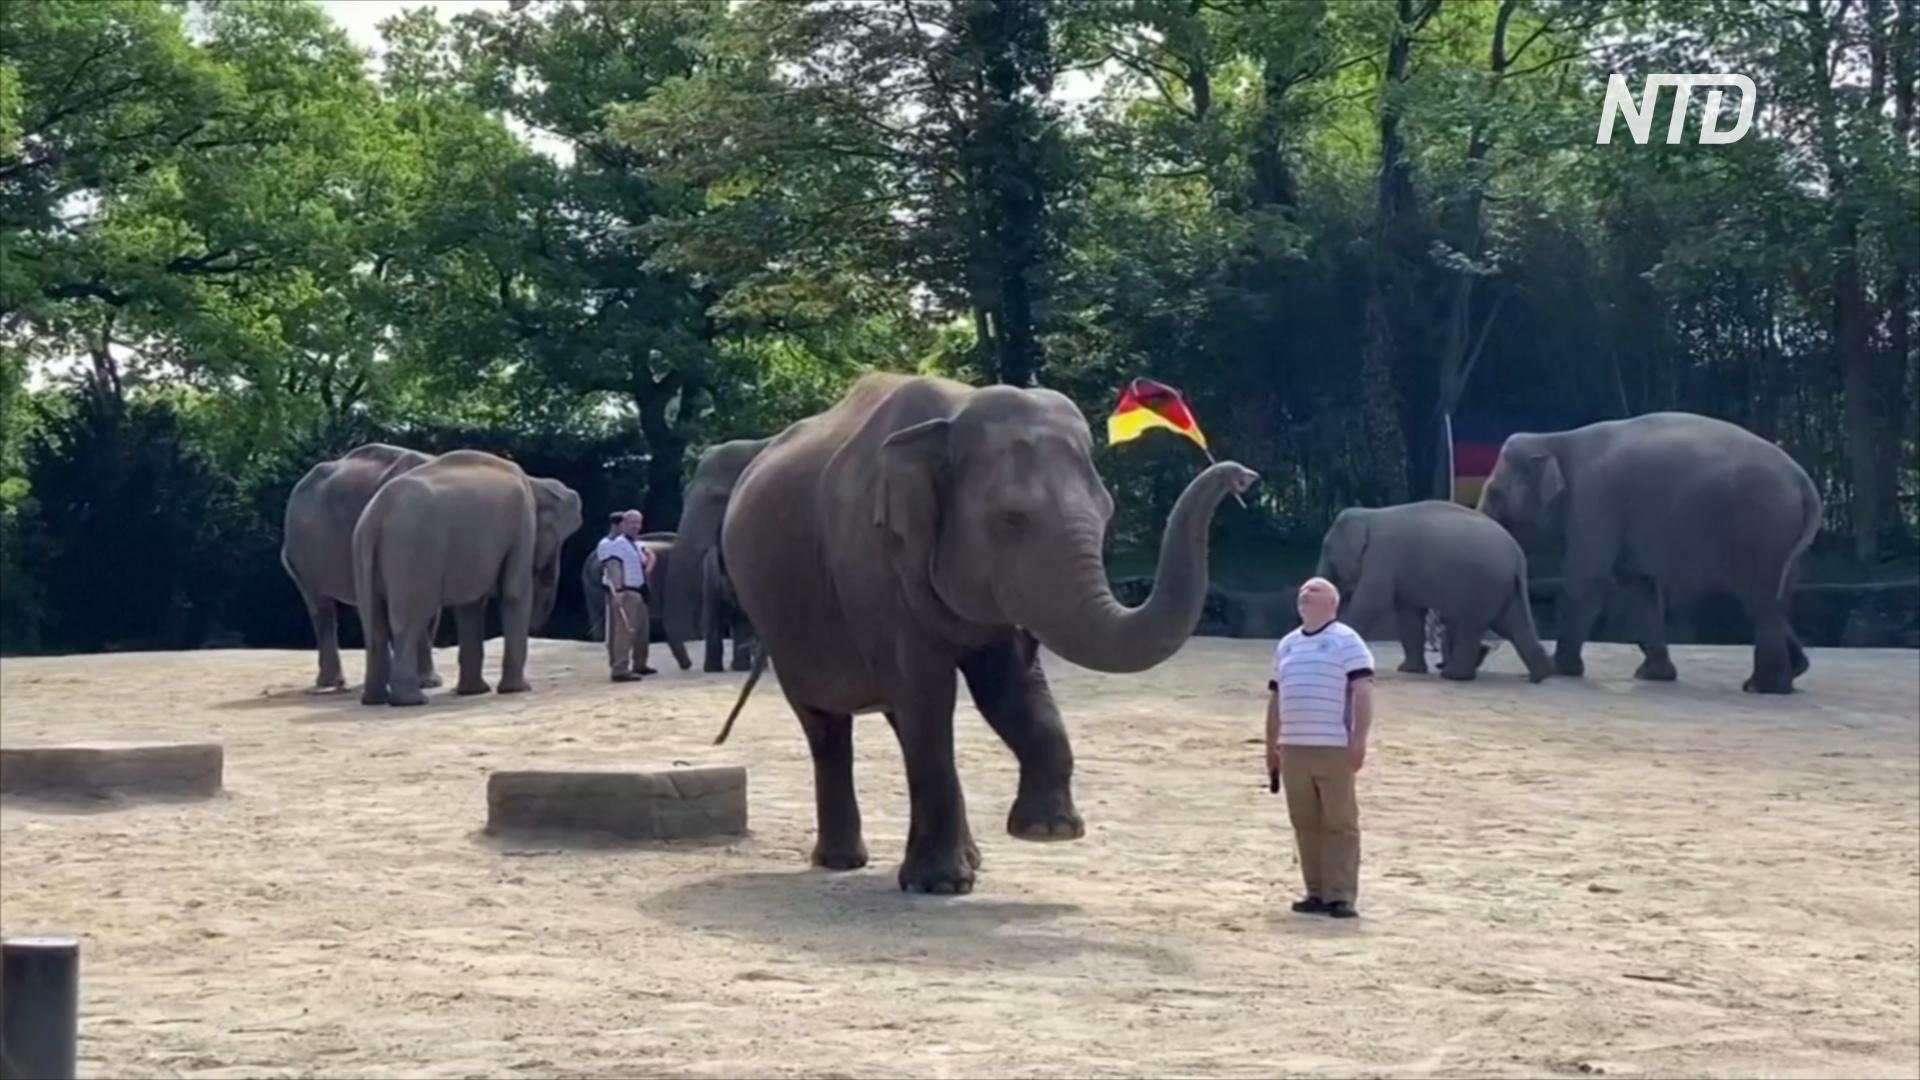 Слониха в немецком зоопарке предскажет победителя матча на чемпионате Европы